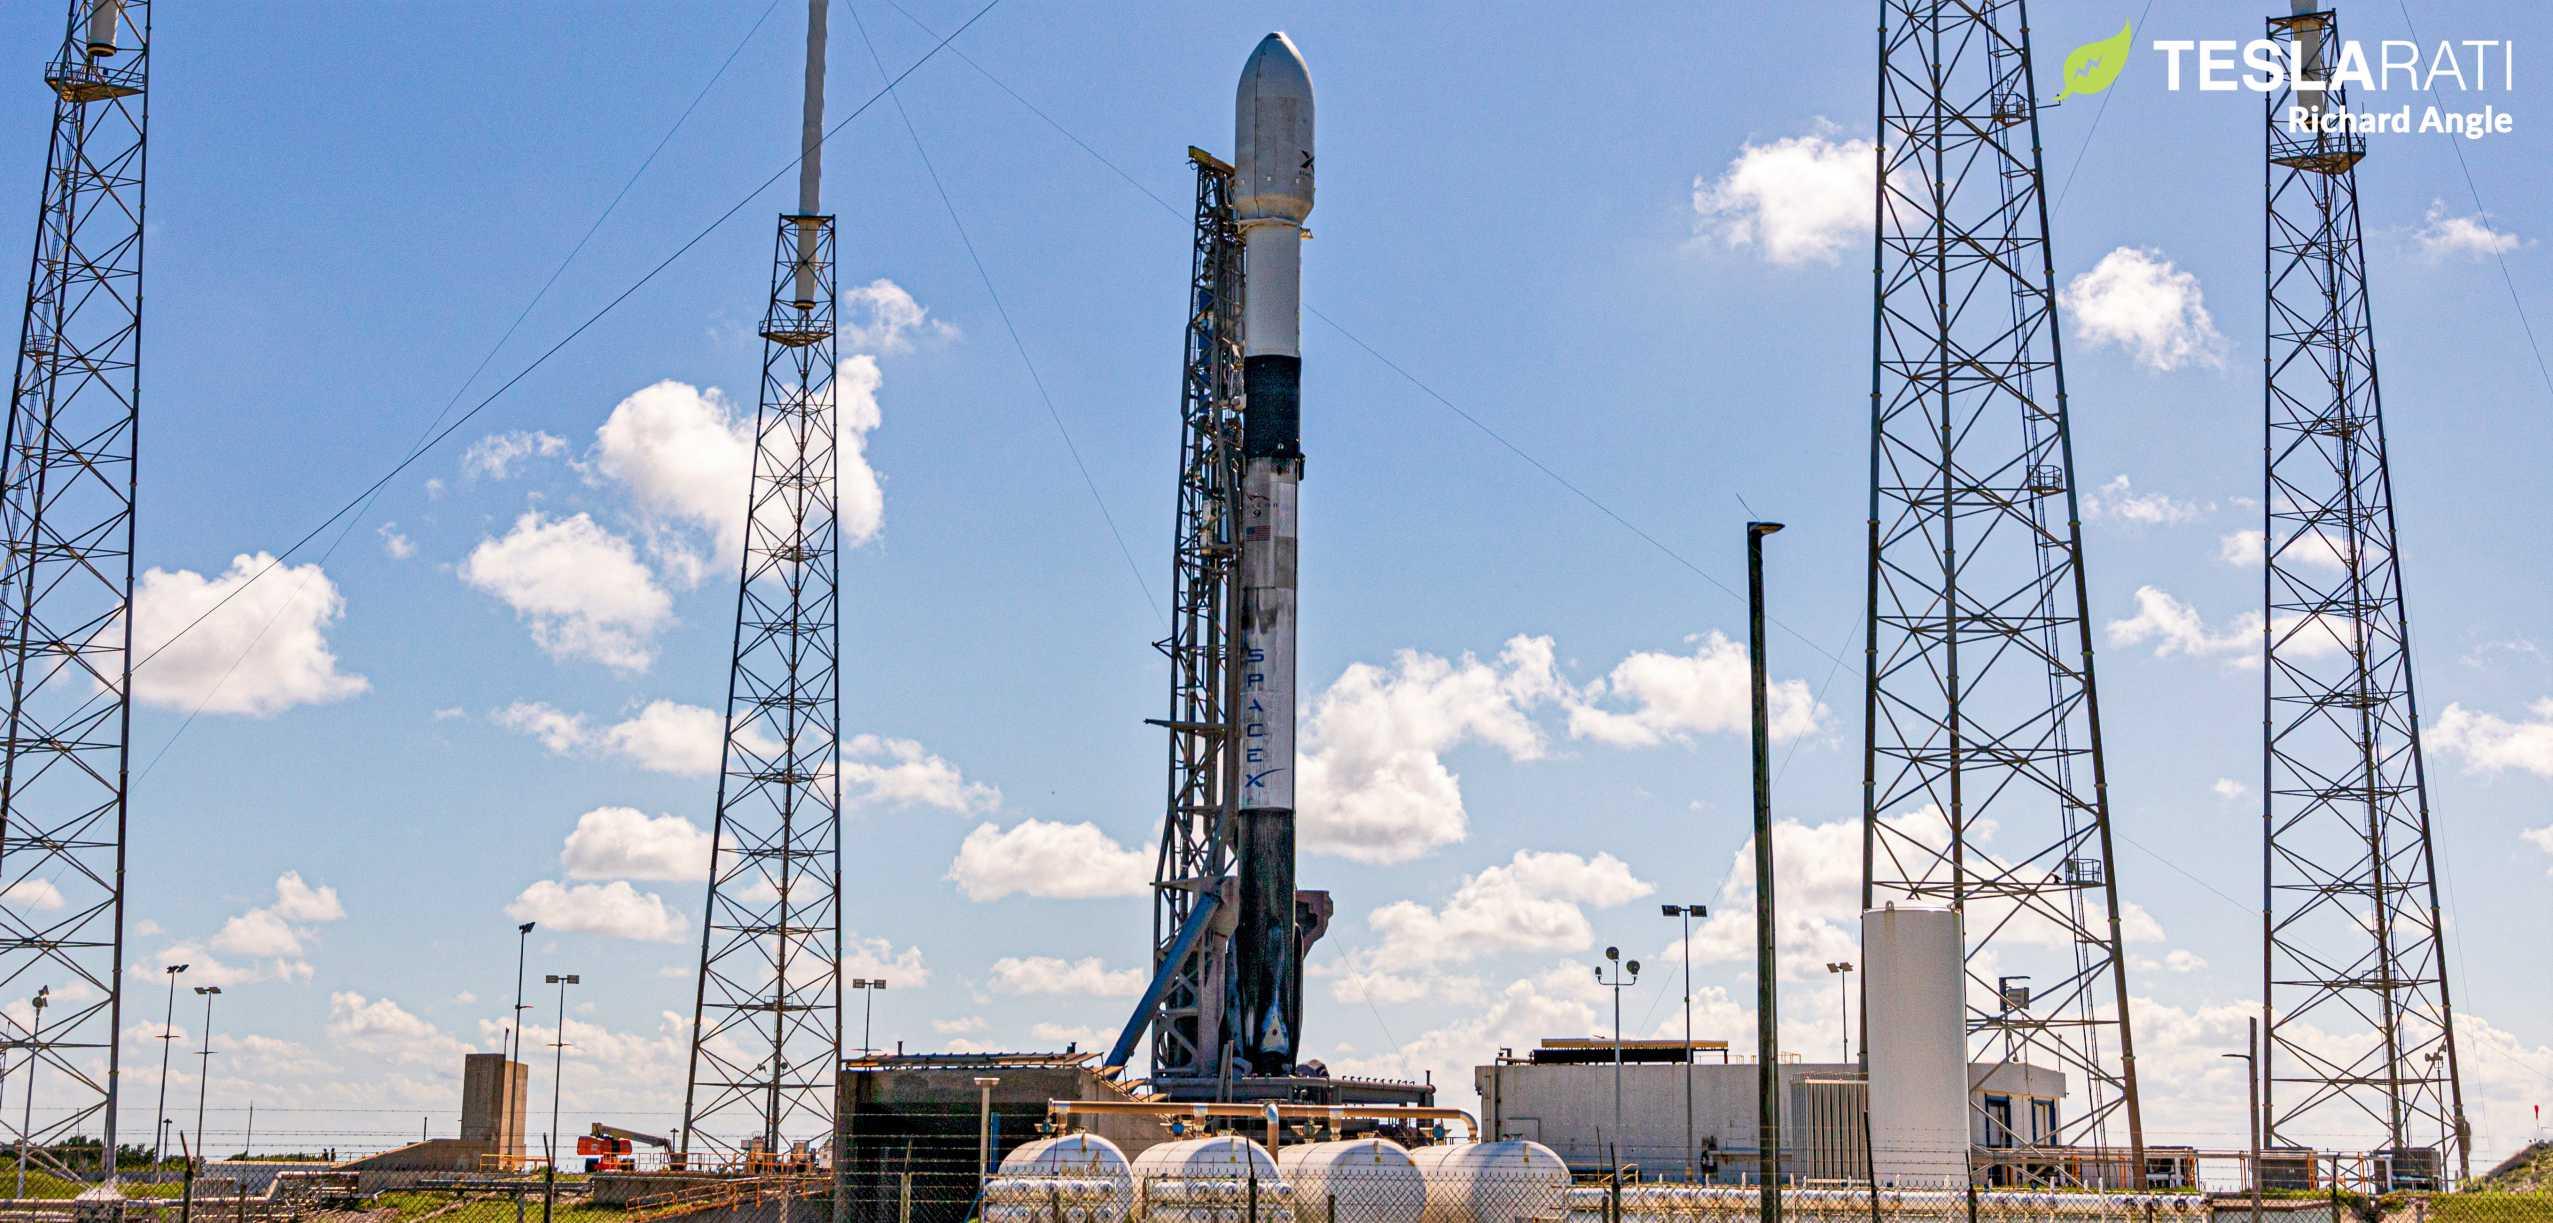 Starlink V1 L8 Falcon 9 B1059 LC40 061220 (Richard Angle) prelaunch 1 crop 2 (c)